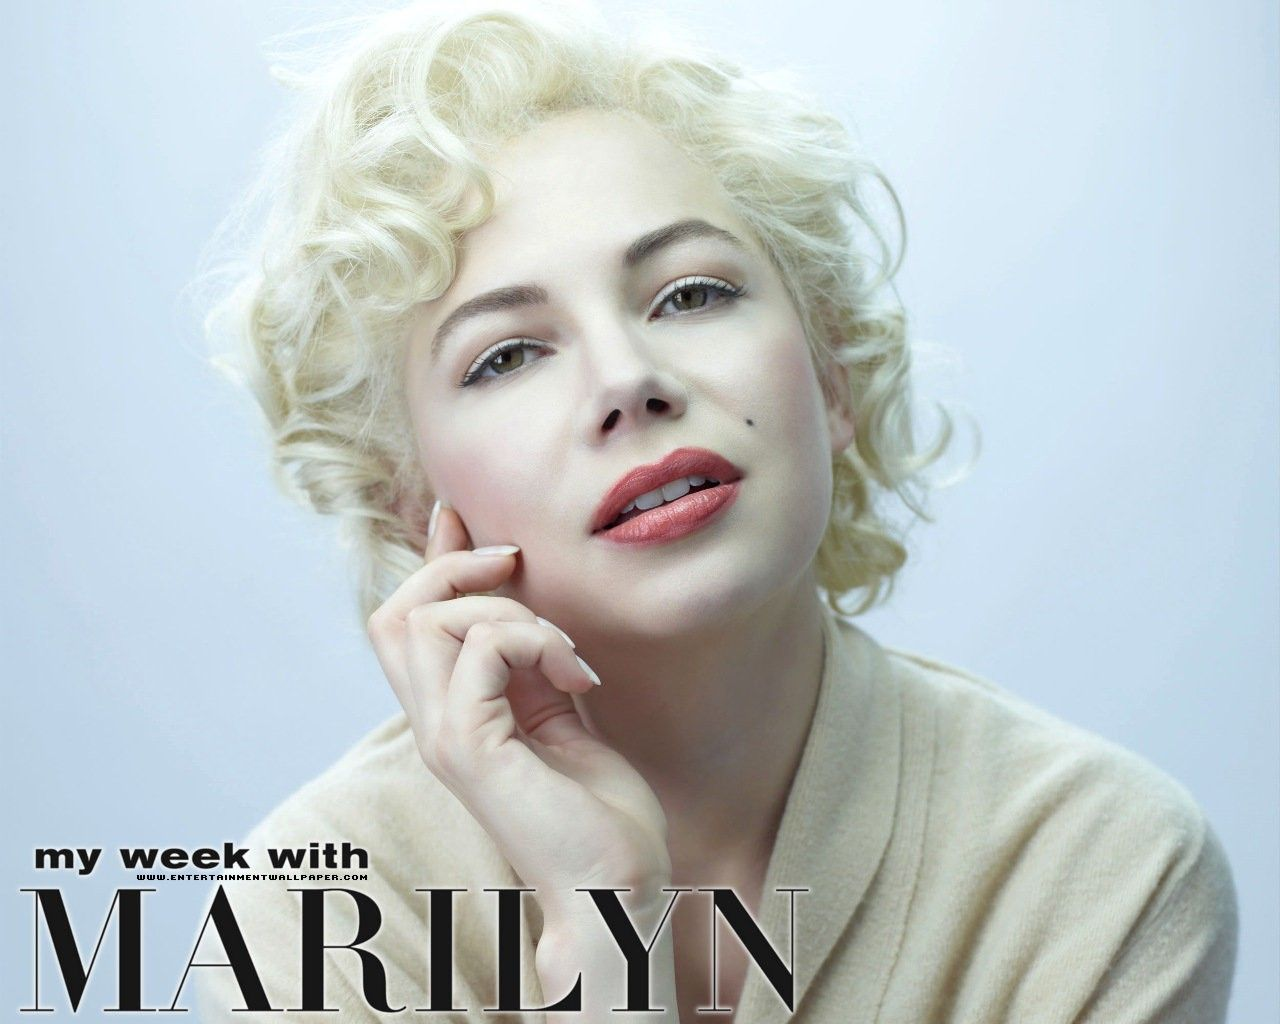 My Week with Marilyn (en español: Mi semana con Marilyn) es una película británica dirigida por Simon Curtis y escrita por Adrian Hodges. E...